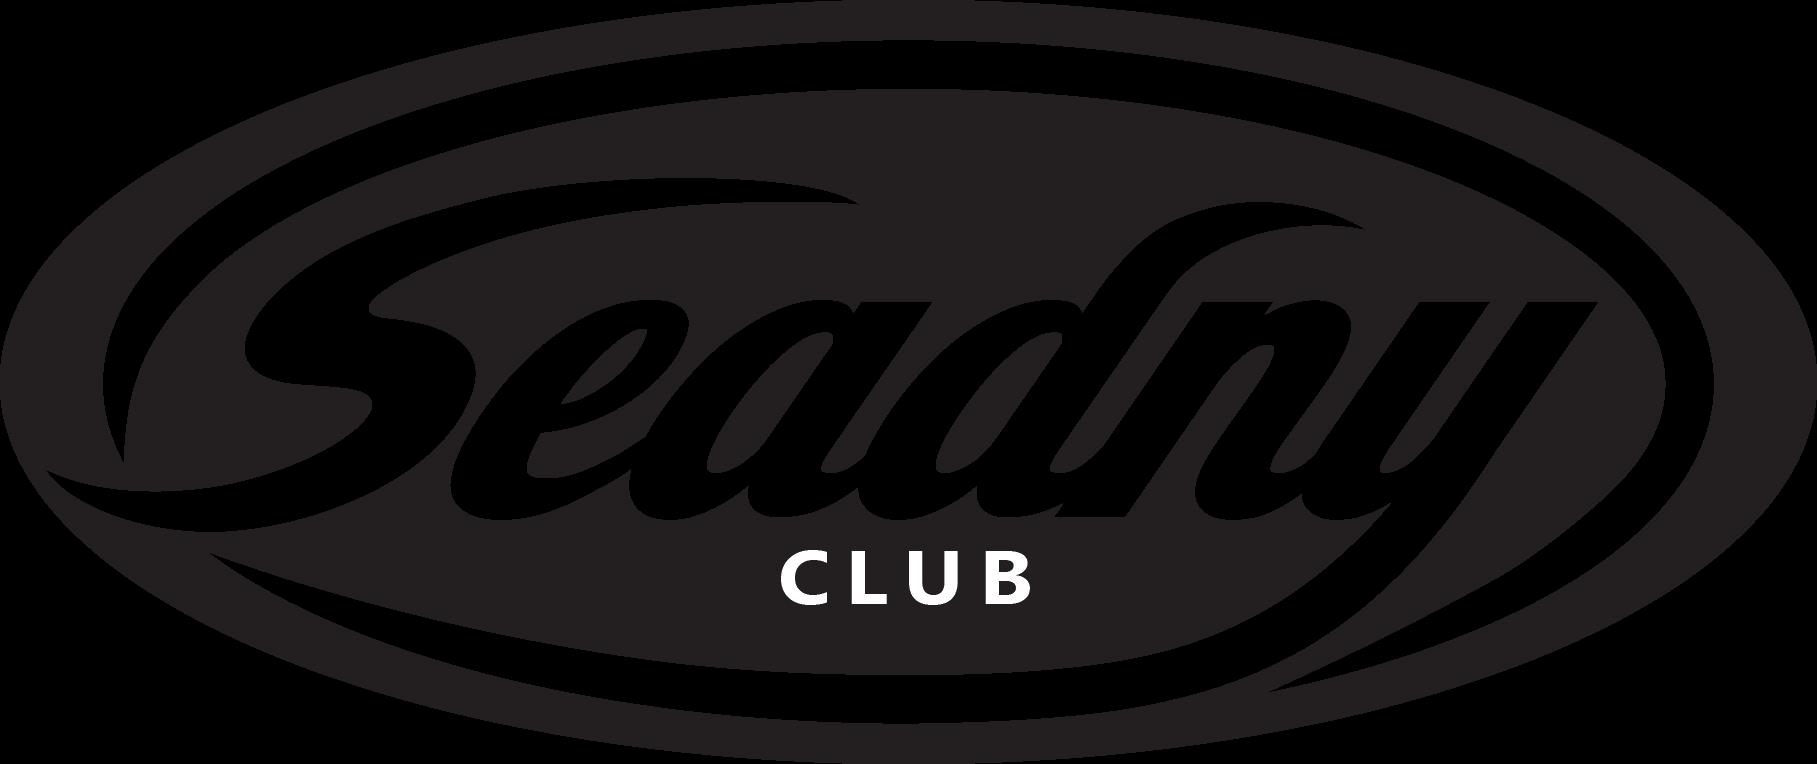 סידני קלאב לוגו